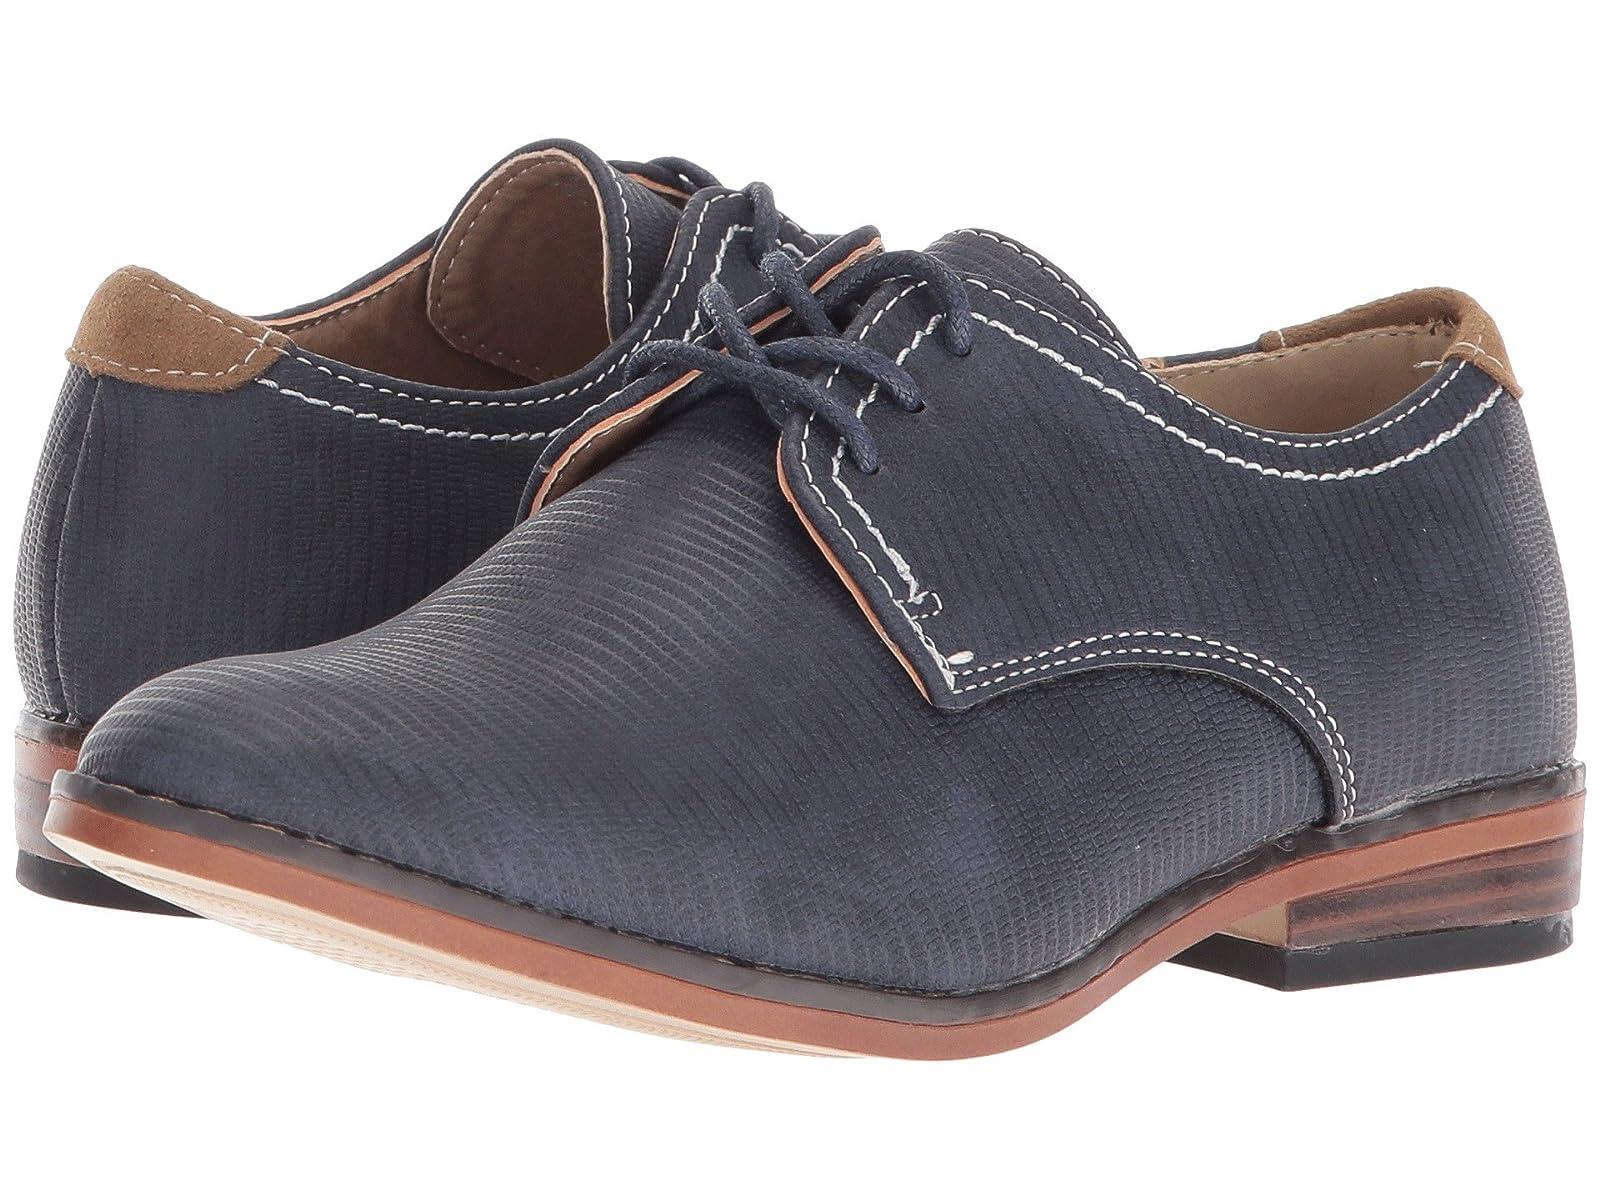 Steve Madden Kids BCHARLES (Little Kid)Atmospheric grades have affordable shoes